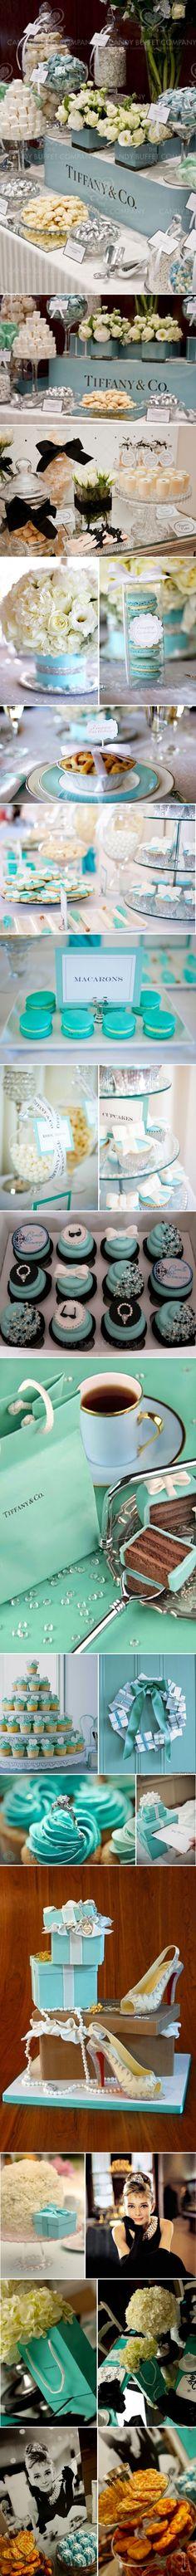 Breakfast at Tiffany's Themed treats - love thiss website!